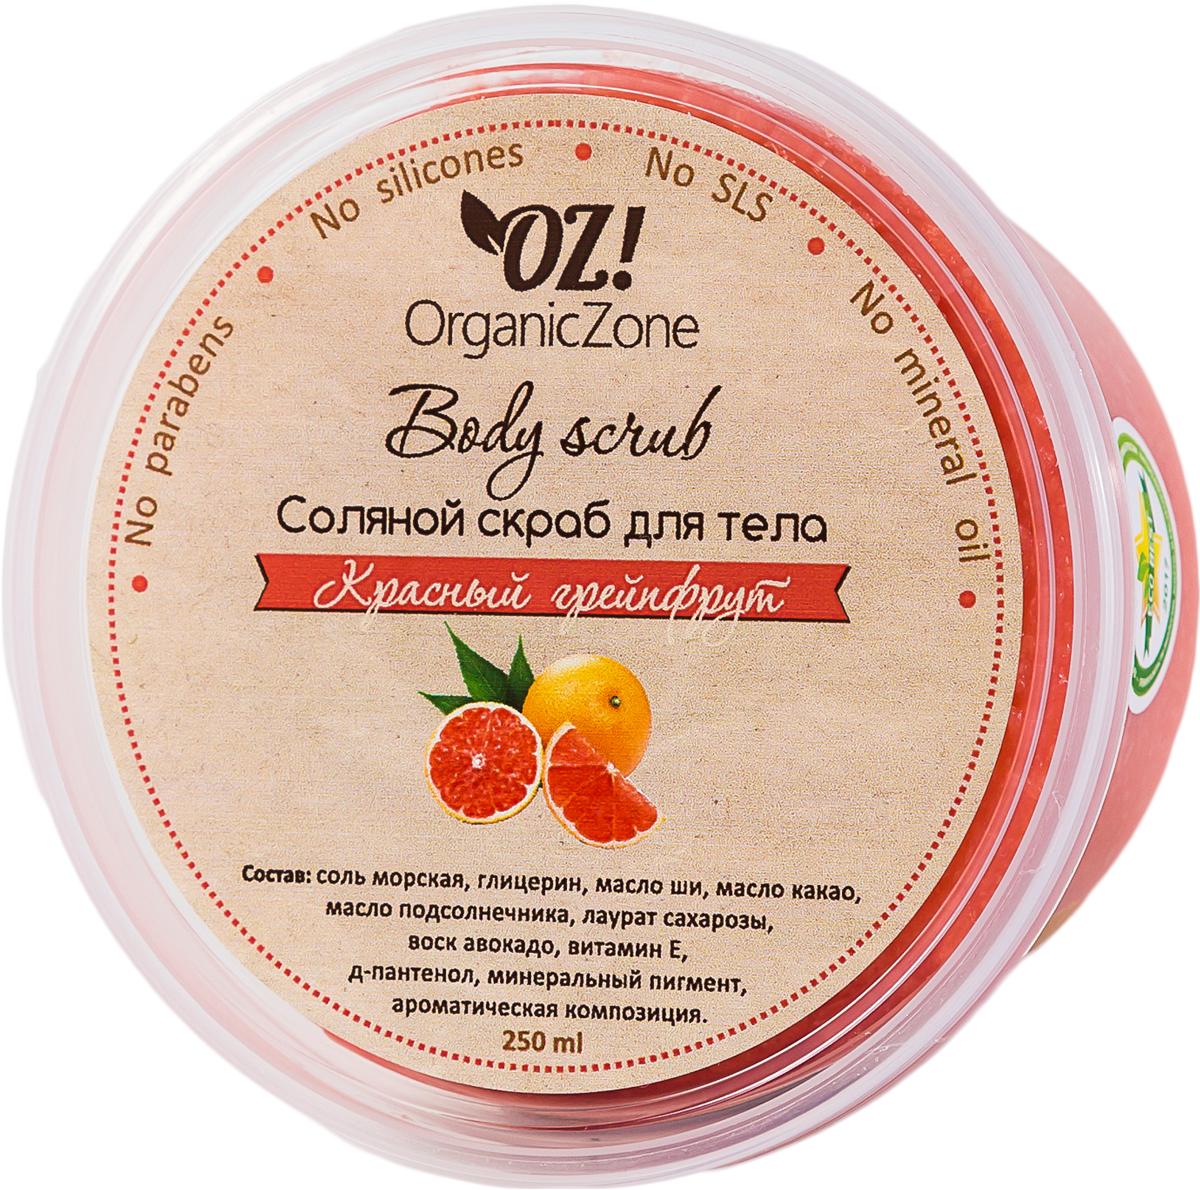 OrganicZone Соляной скраб для тела Красный грейпфрут, 250 мл4626018133880Скраб для тела Красный грейпфрут благодаря кристаллам морской соли интенсивно очищает кожу и улучшает микроциркуляцию. Масло ши и масло какао смягчают кожу, делая ее гладкой и шелковистой. Д-пантенол и гель алоэ вера интенсивно увлажняют и стимулируют регенерацию кожи.